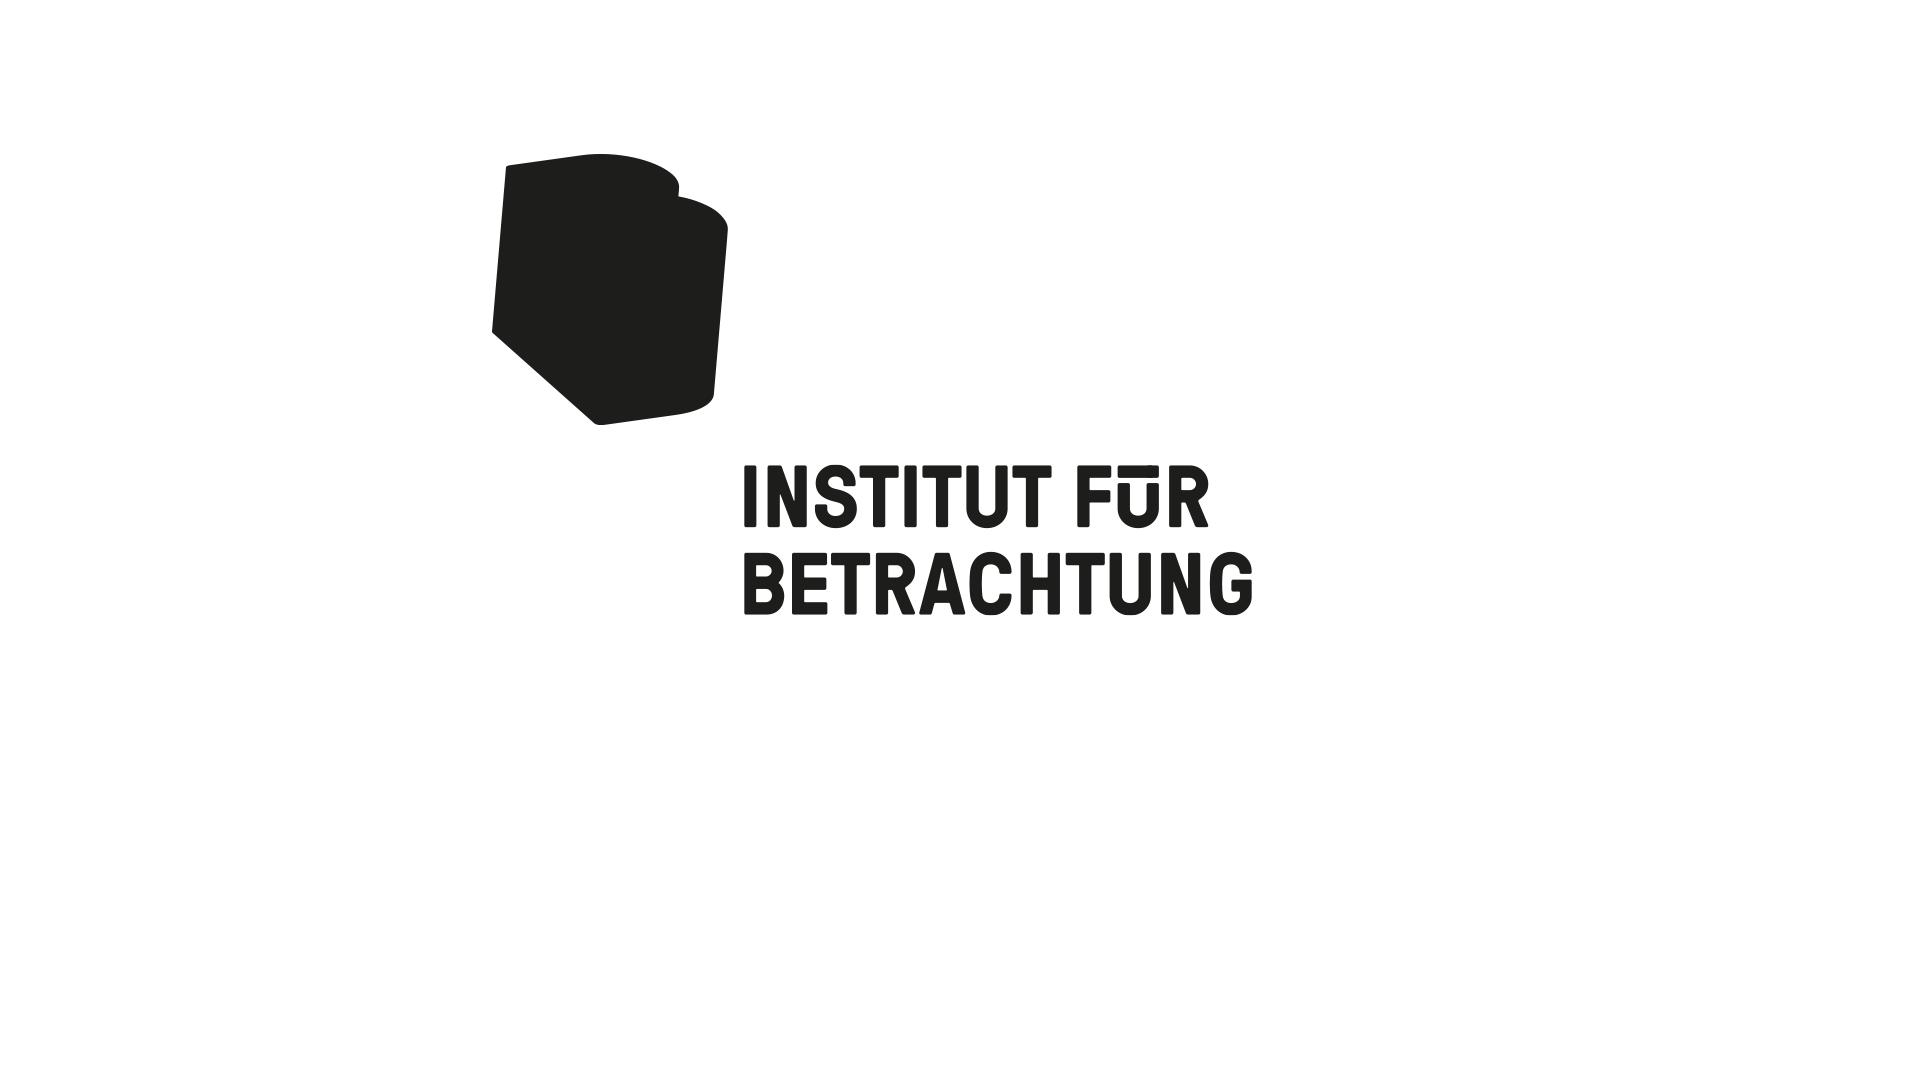 Logo des Instituts für Betrachtung.